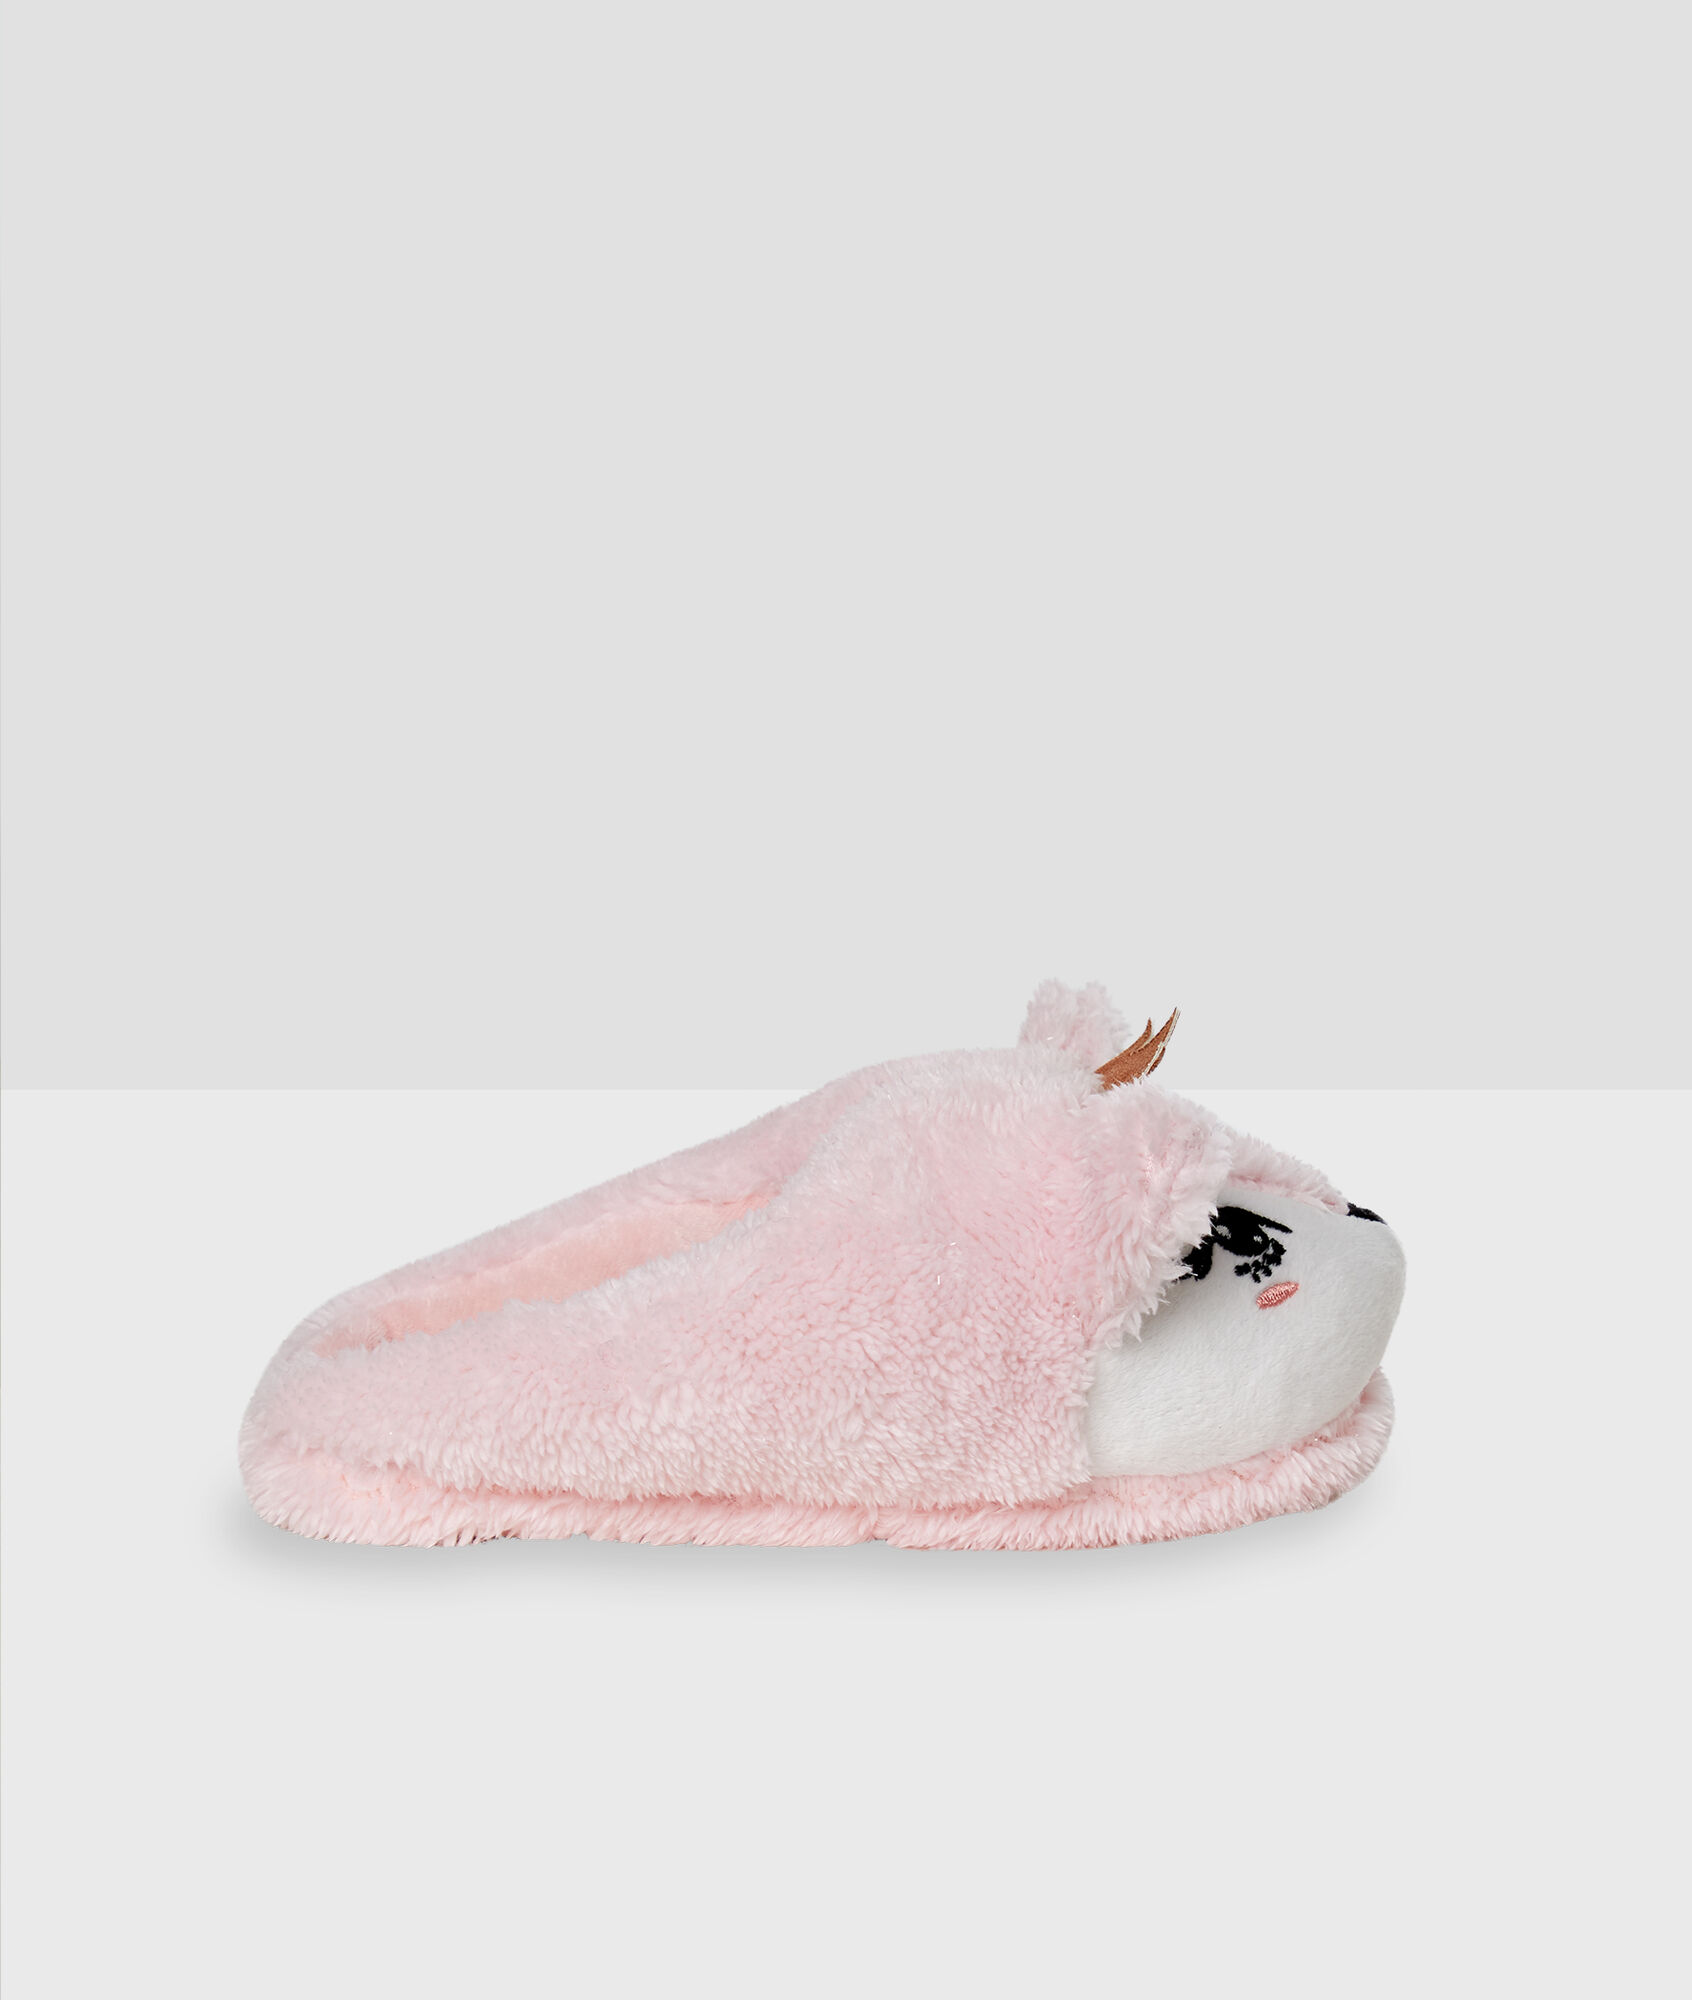 c86ccb5679 slippers - alicia - Etam